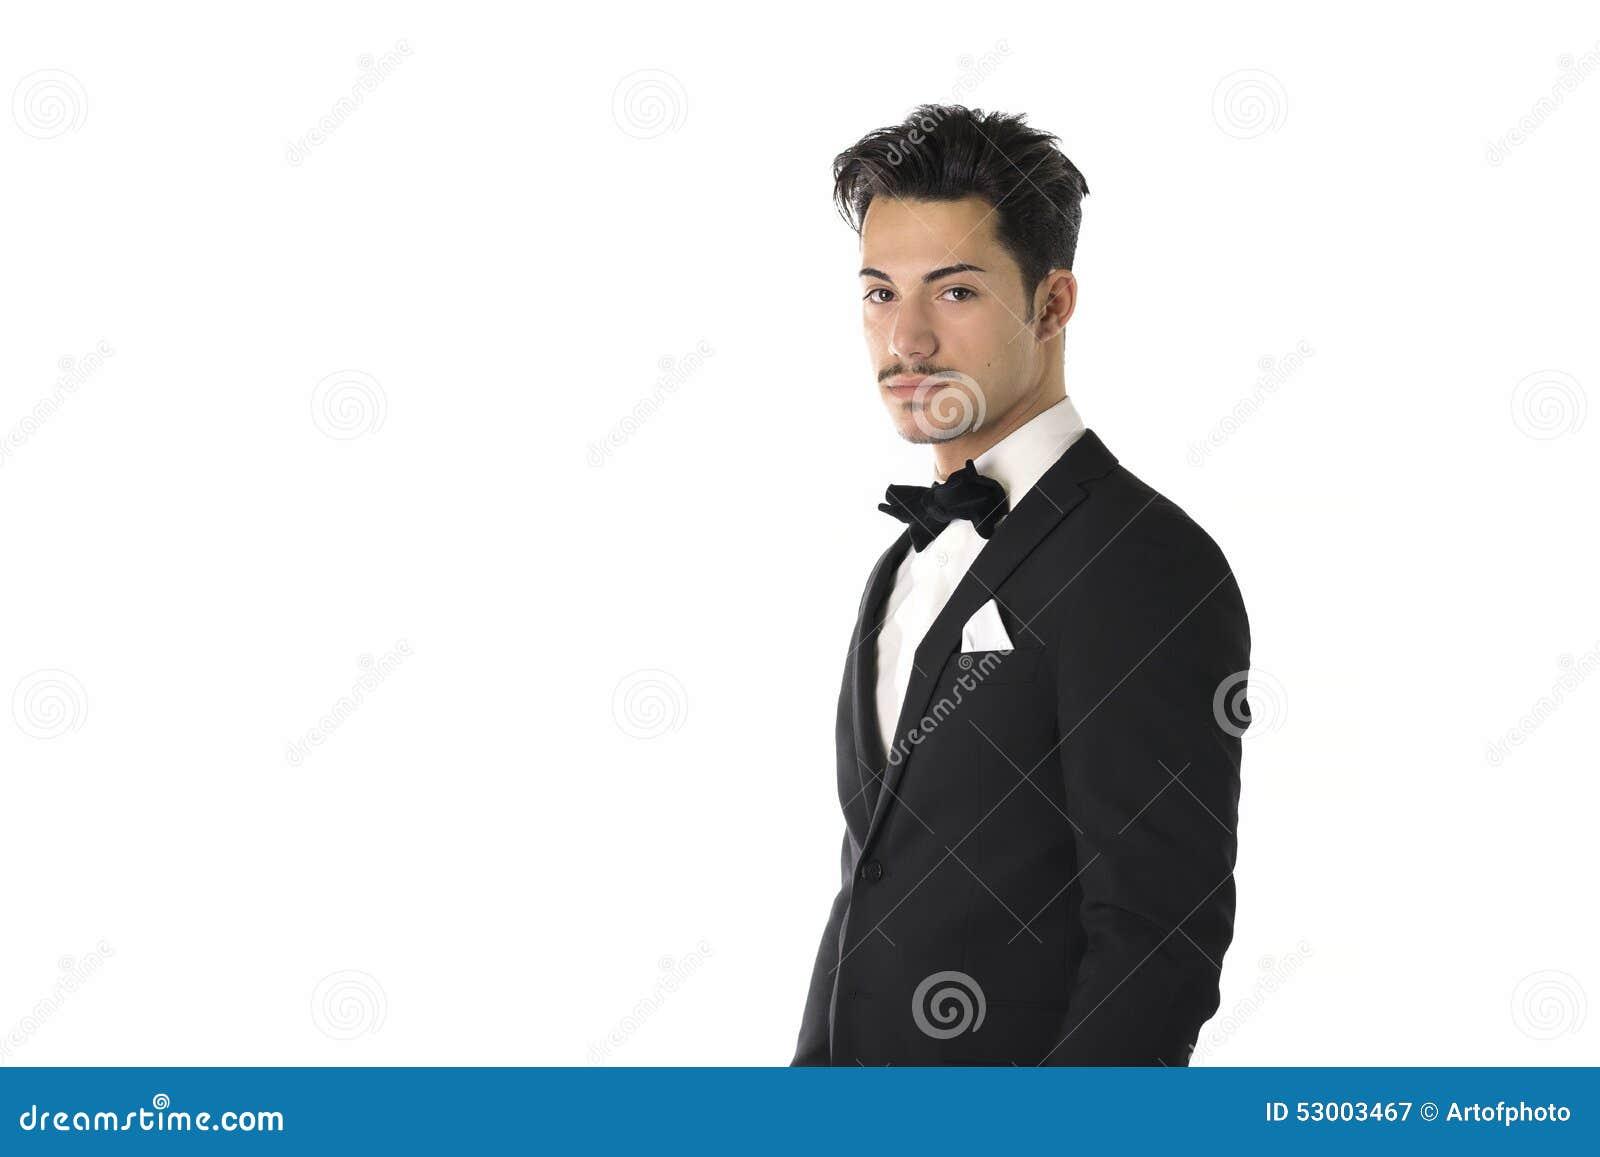 Beau Costume Homme avec jeune homme élégant beau avec le costume et le noeud papillon